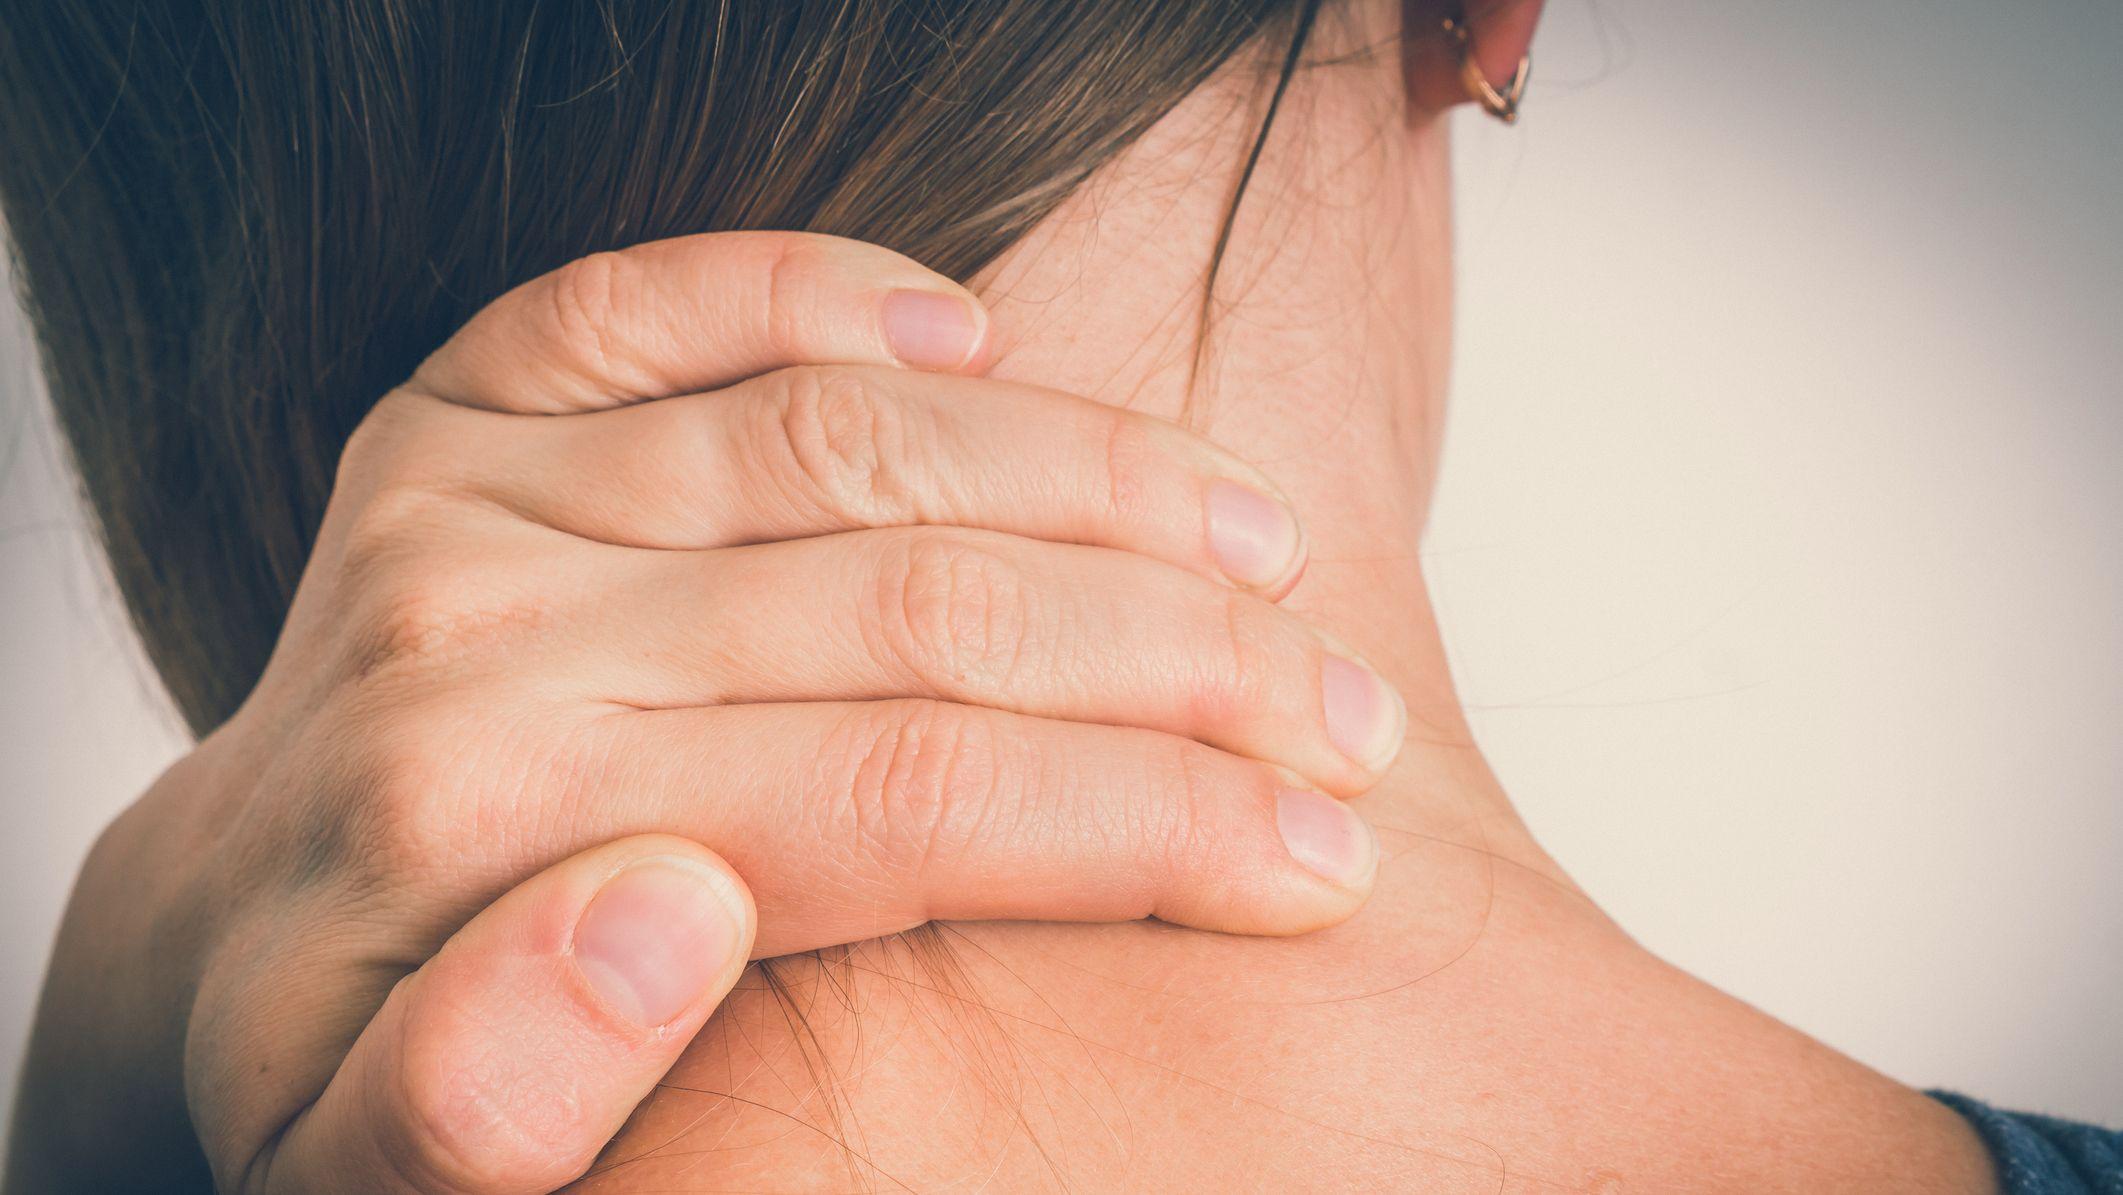 csípőfájás lábhosszabbítással heven sarok ízületi fájdalom